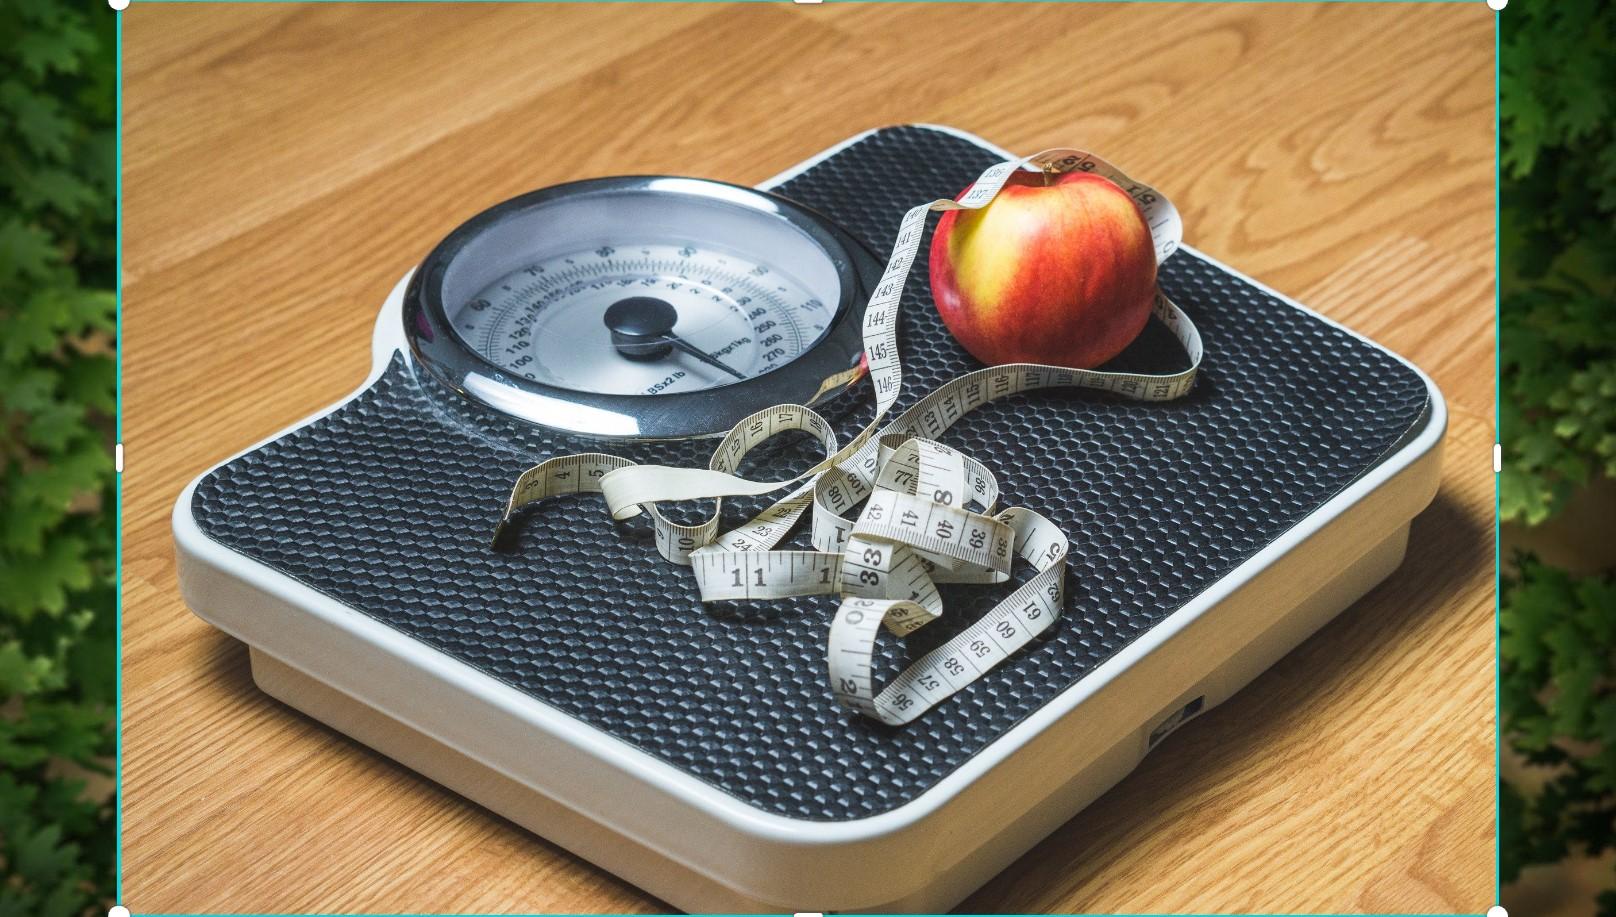 体重計の数値が増えたら「太った!」というわけではありません!